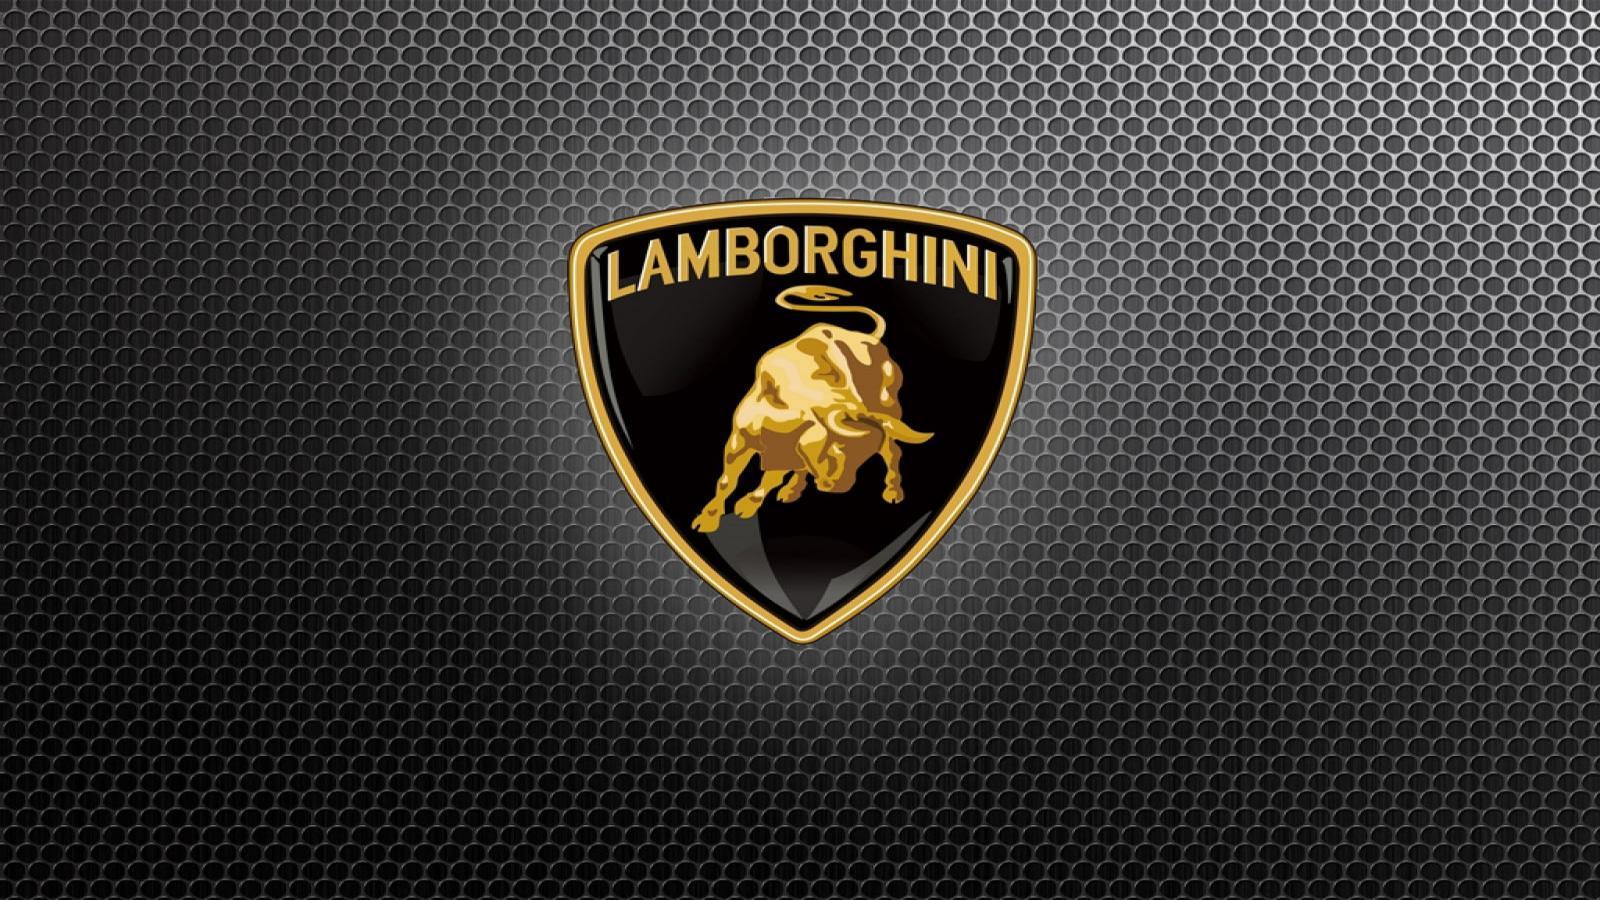 Lamborghini Logo Wallpapers - Top Free